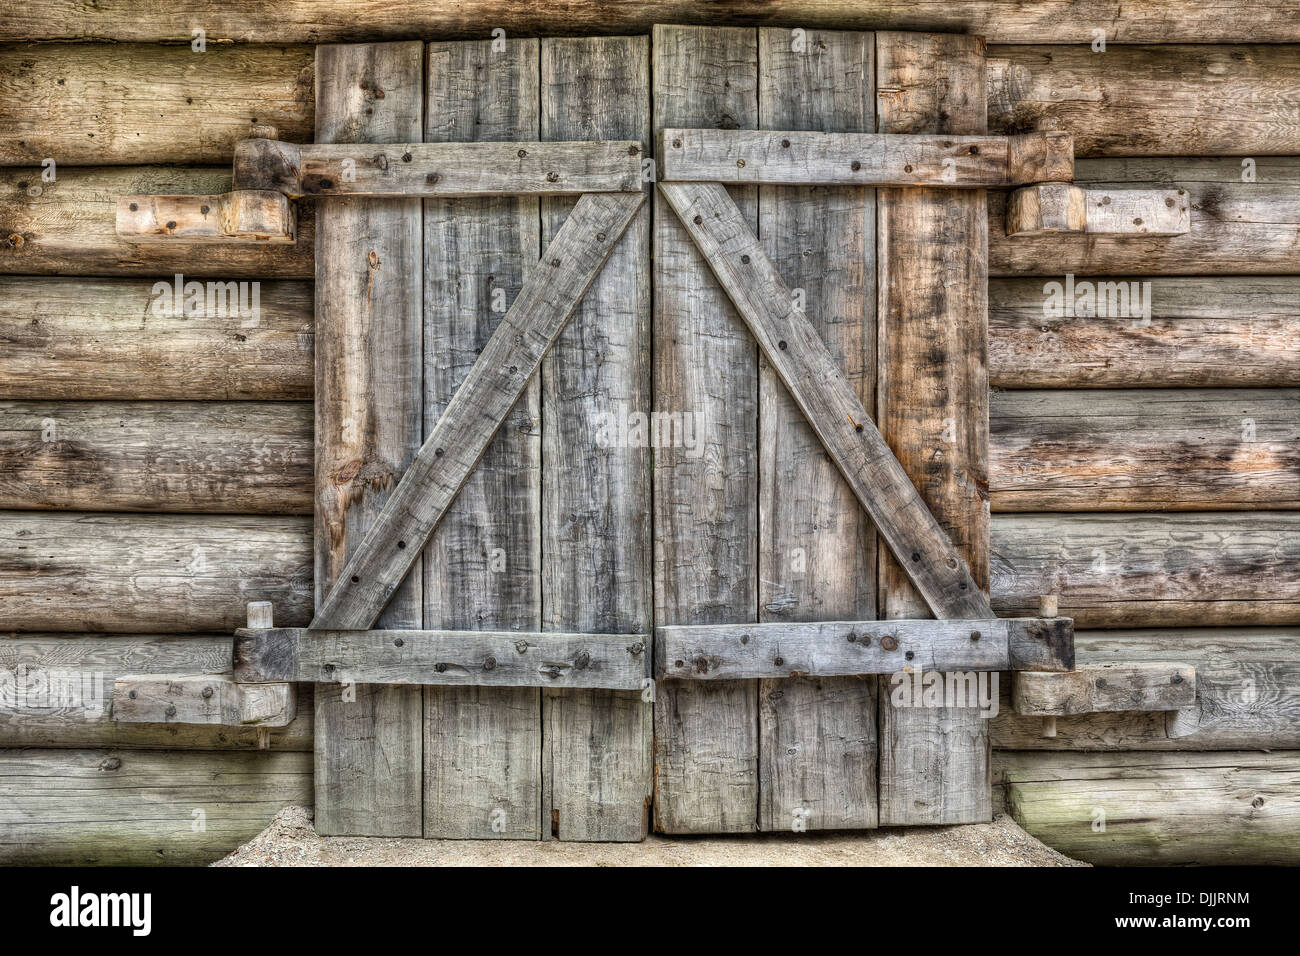 Log cabin doors, Algonquin Logging Museum, Algonquin Provincial Park, Ontario, Canada - Stock Image